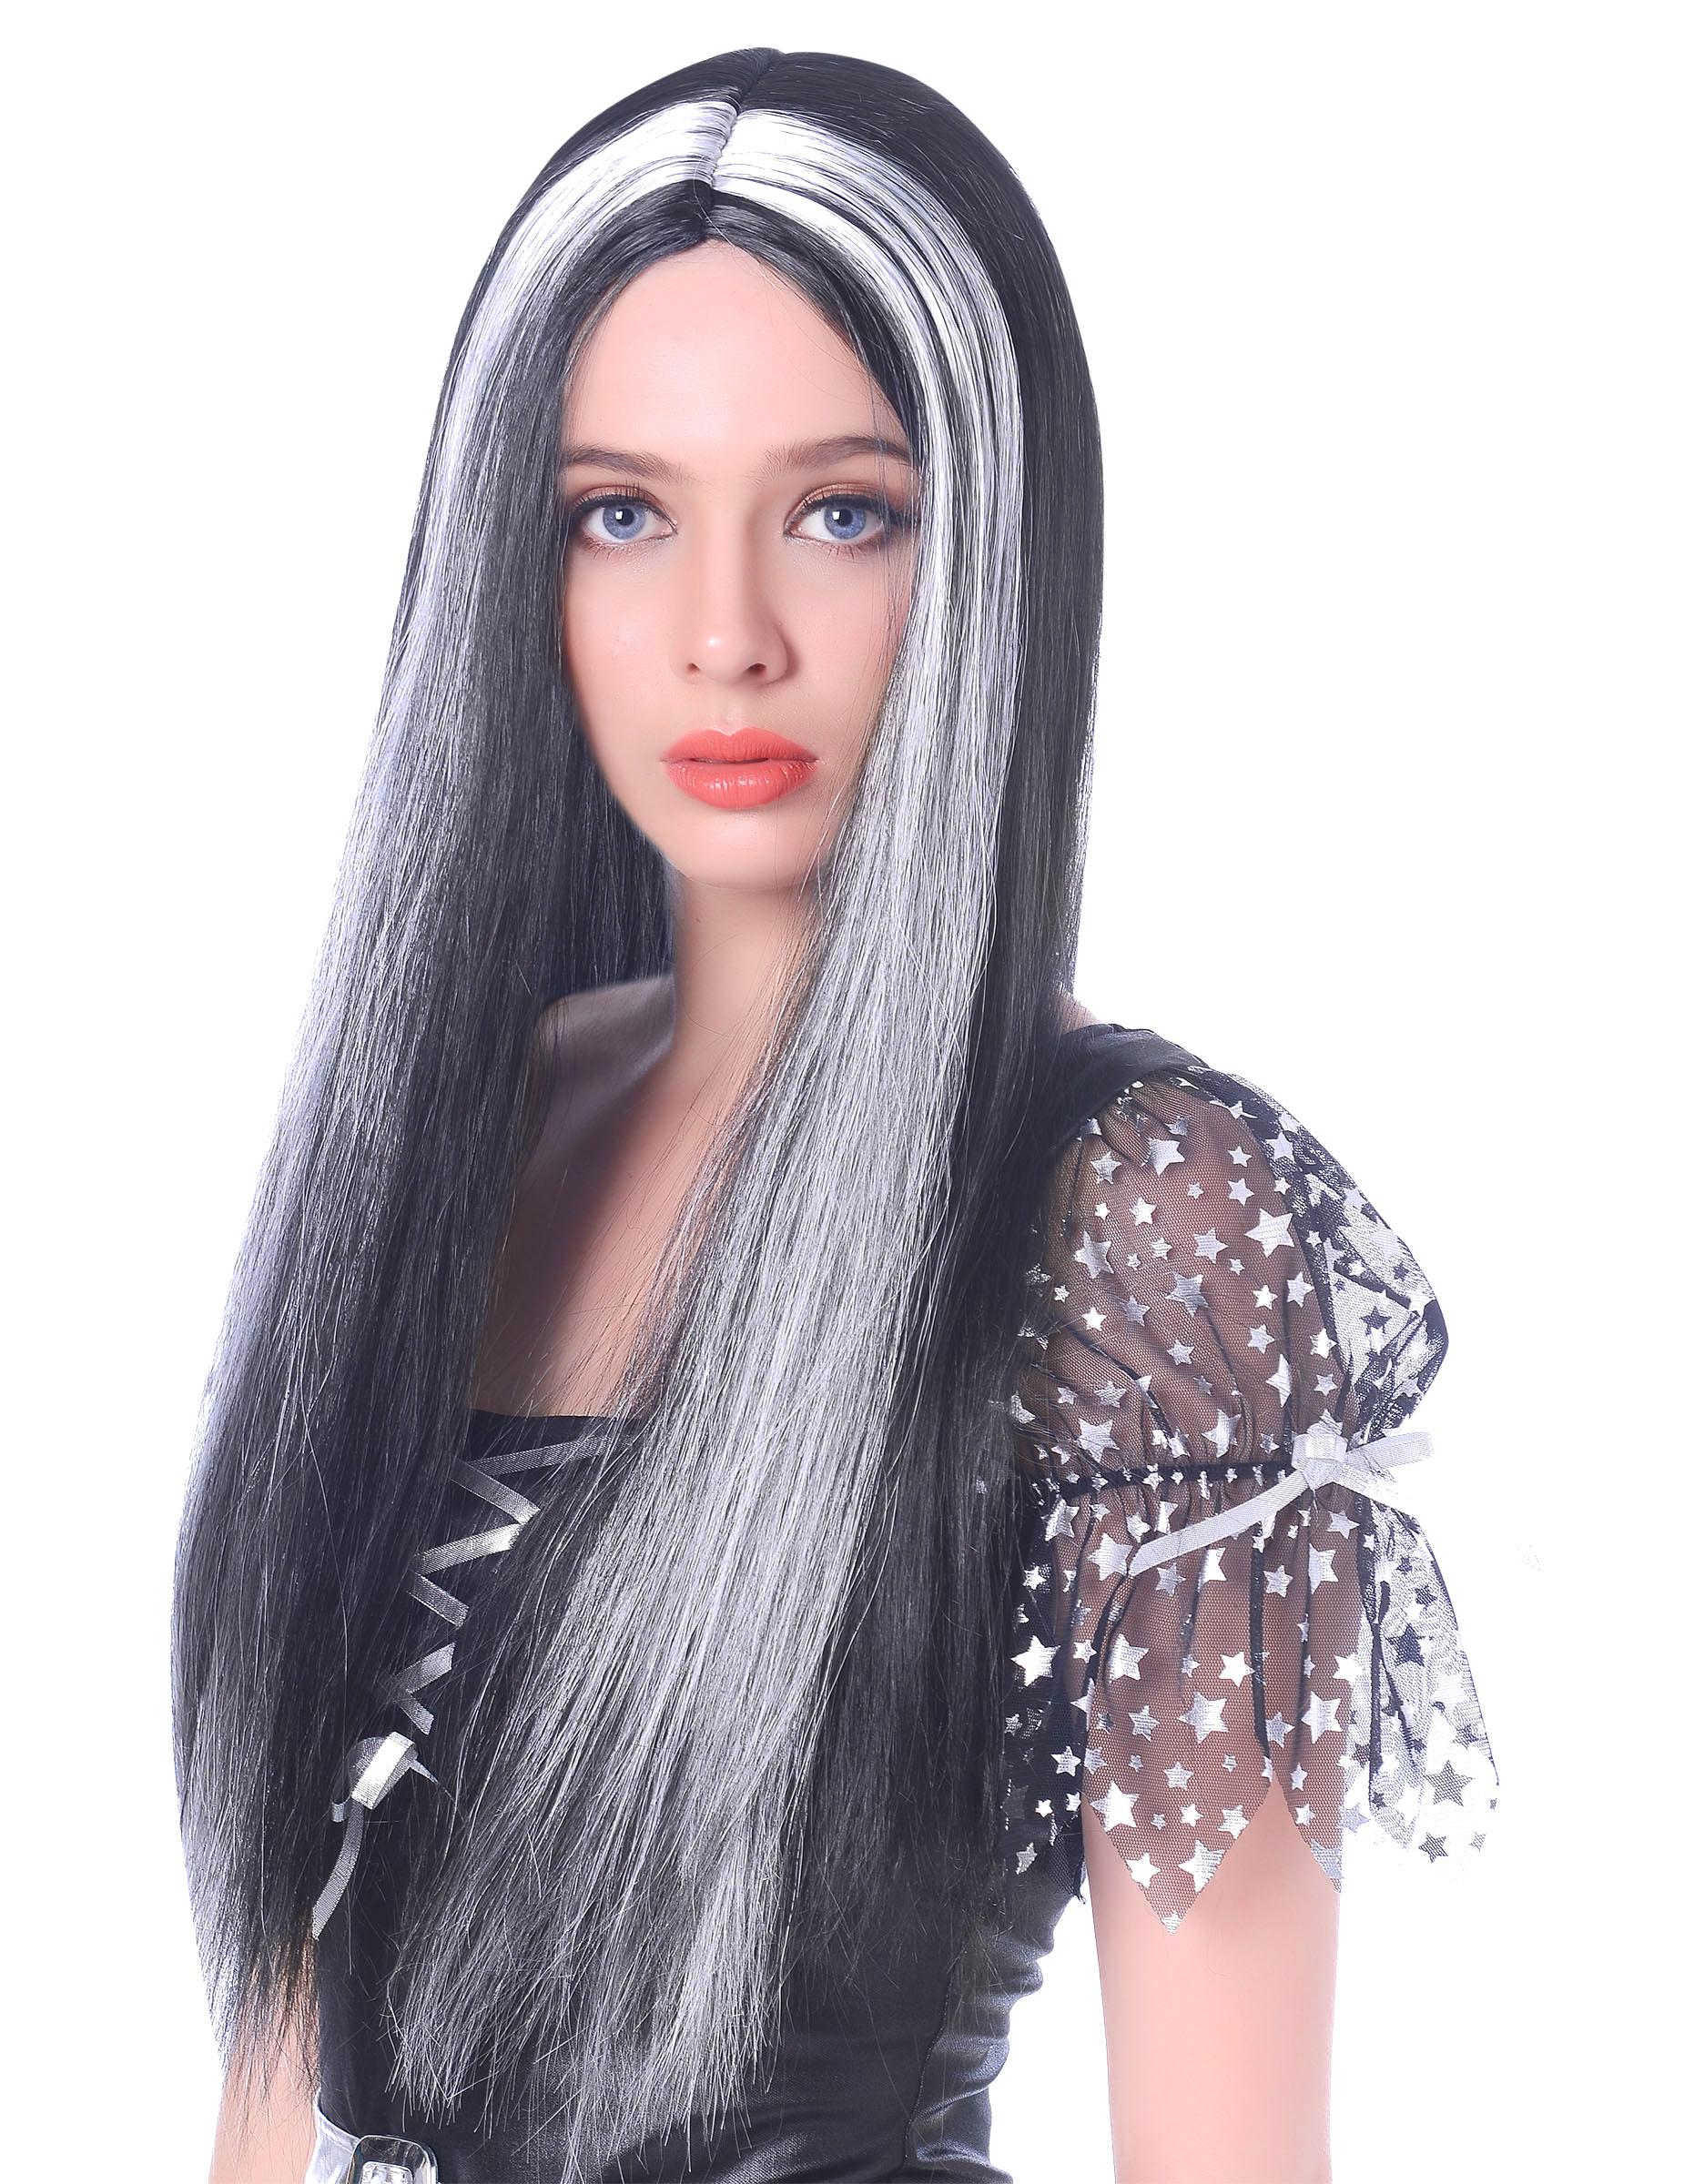 120 cmHexenperücke Langhaar Halloween Kostümperückeschwarz oder grau